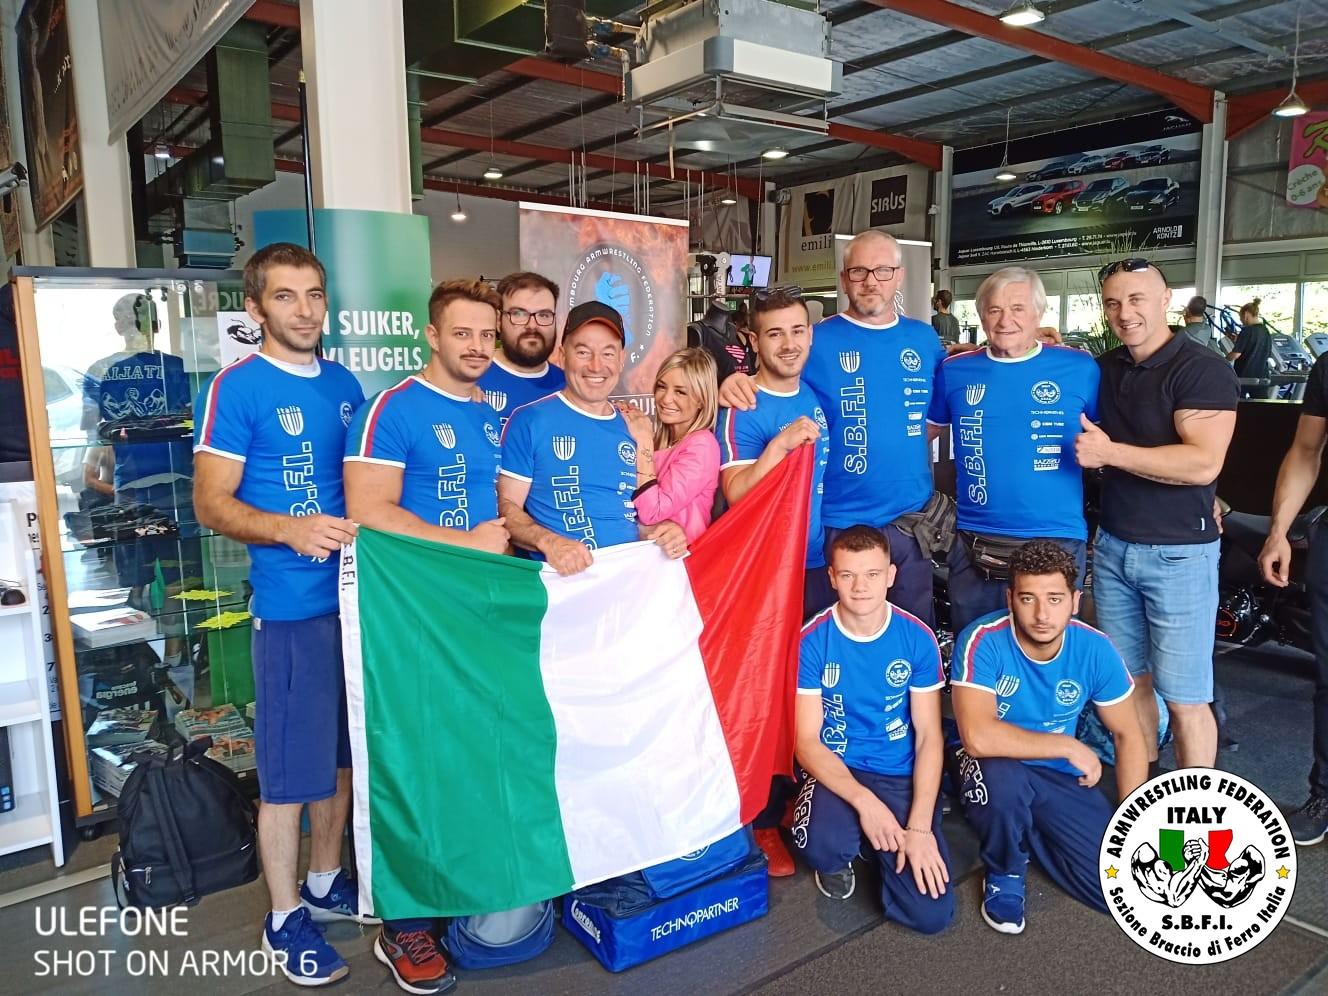 SBFI - Sezione Braccio di Ferro Italia - Lussemburgo 2019